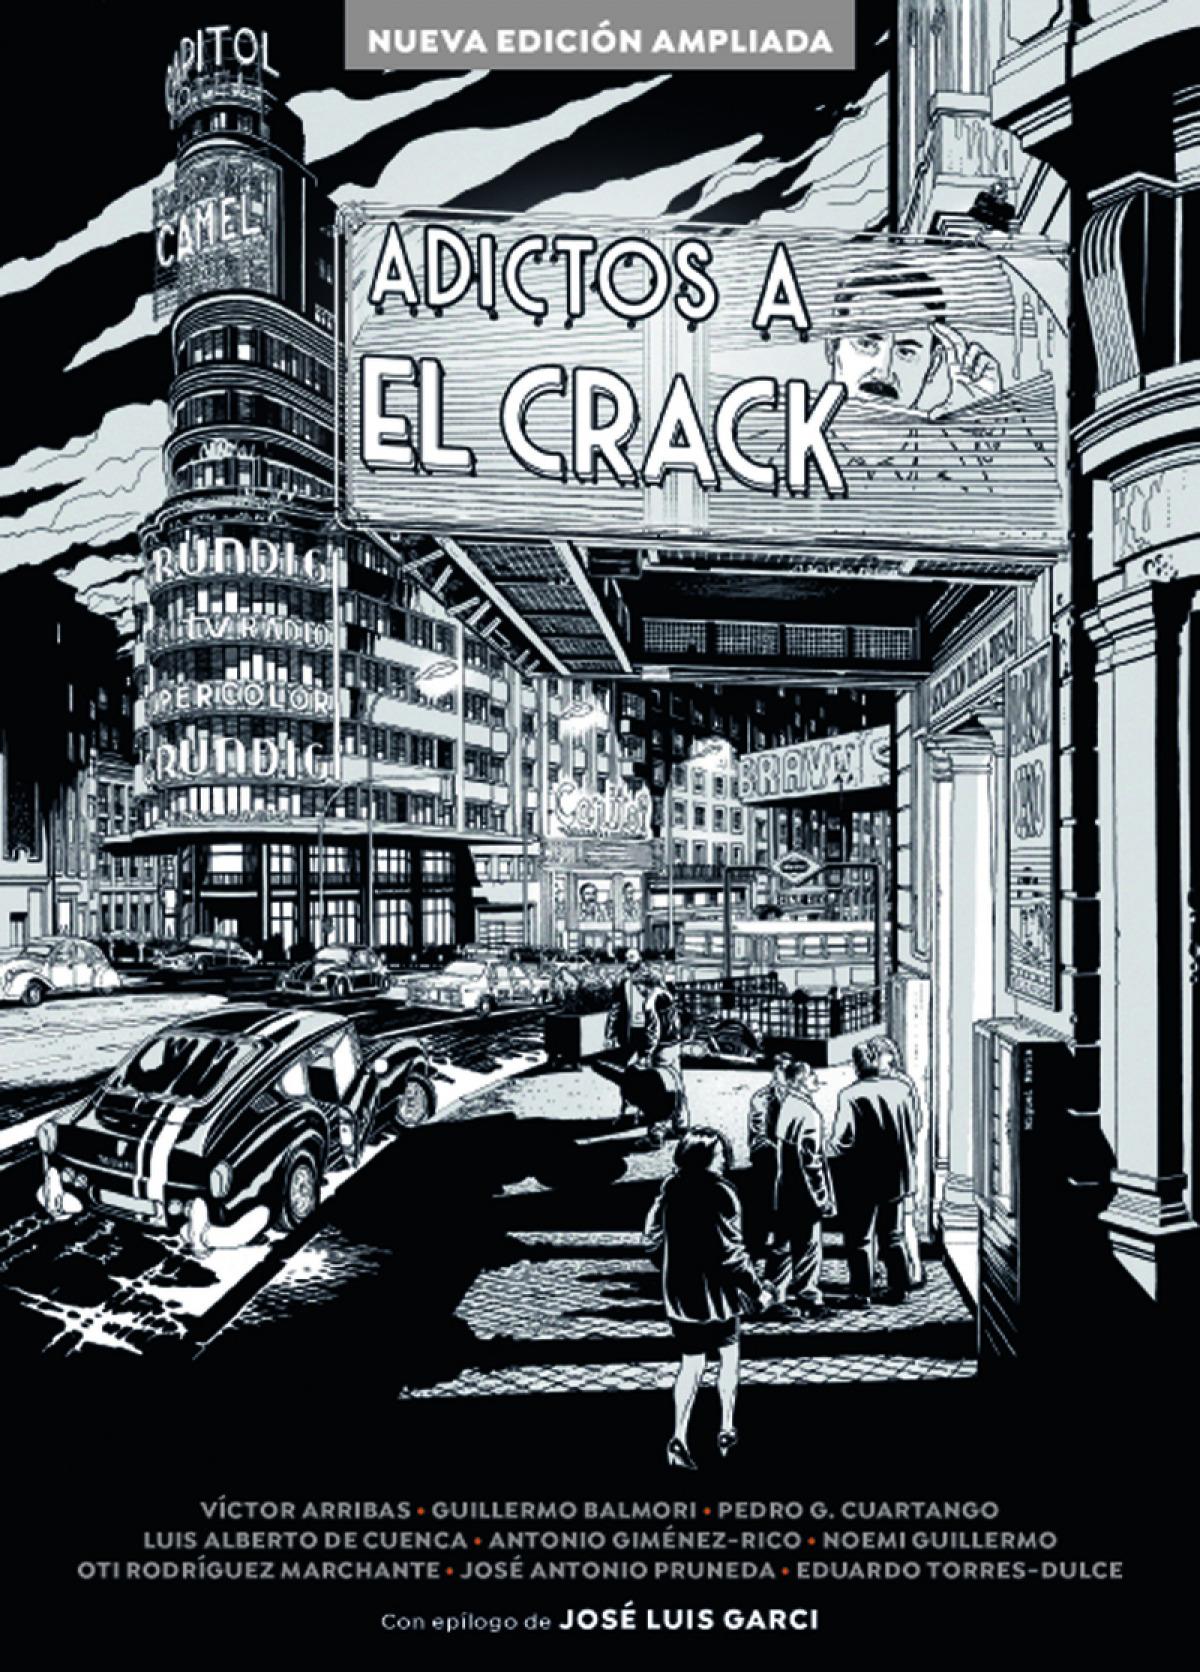 ADICTOS AL CRACK